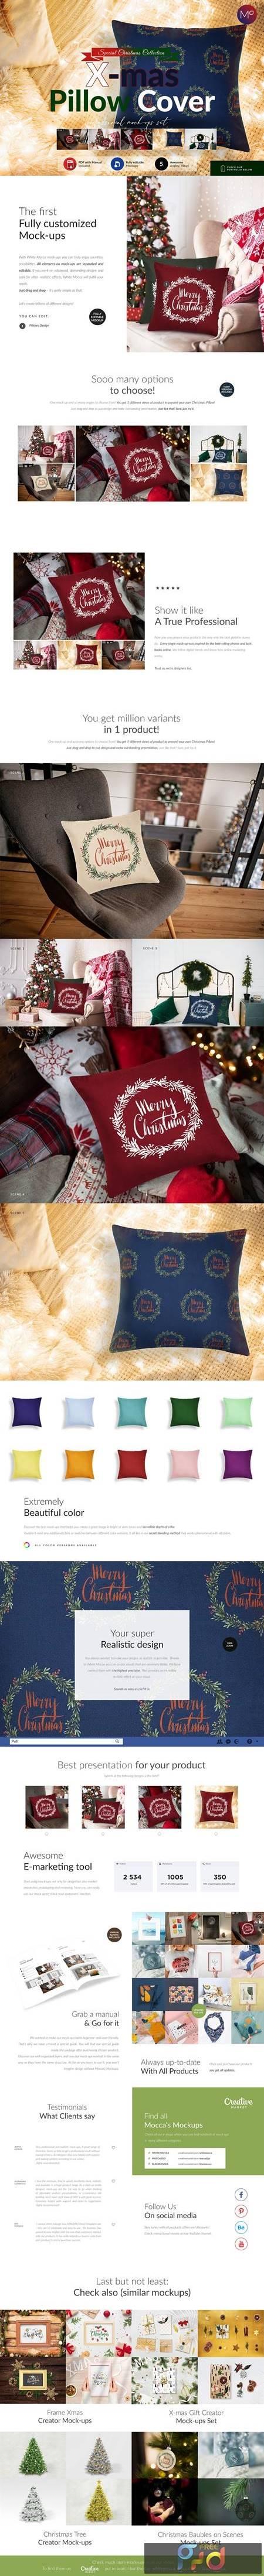 Christmas Pillow Cover Mock-ups Set 5613694 1